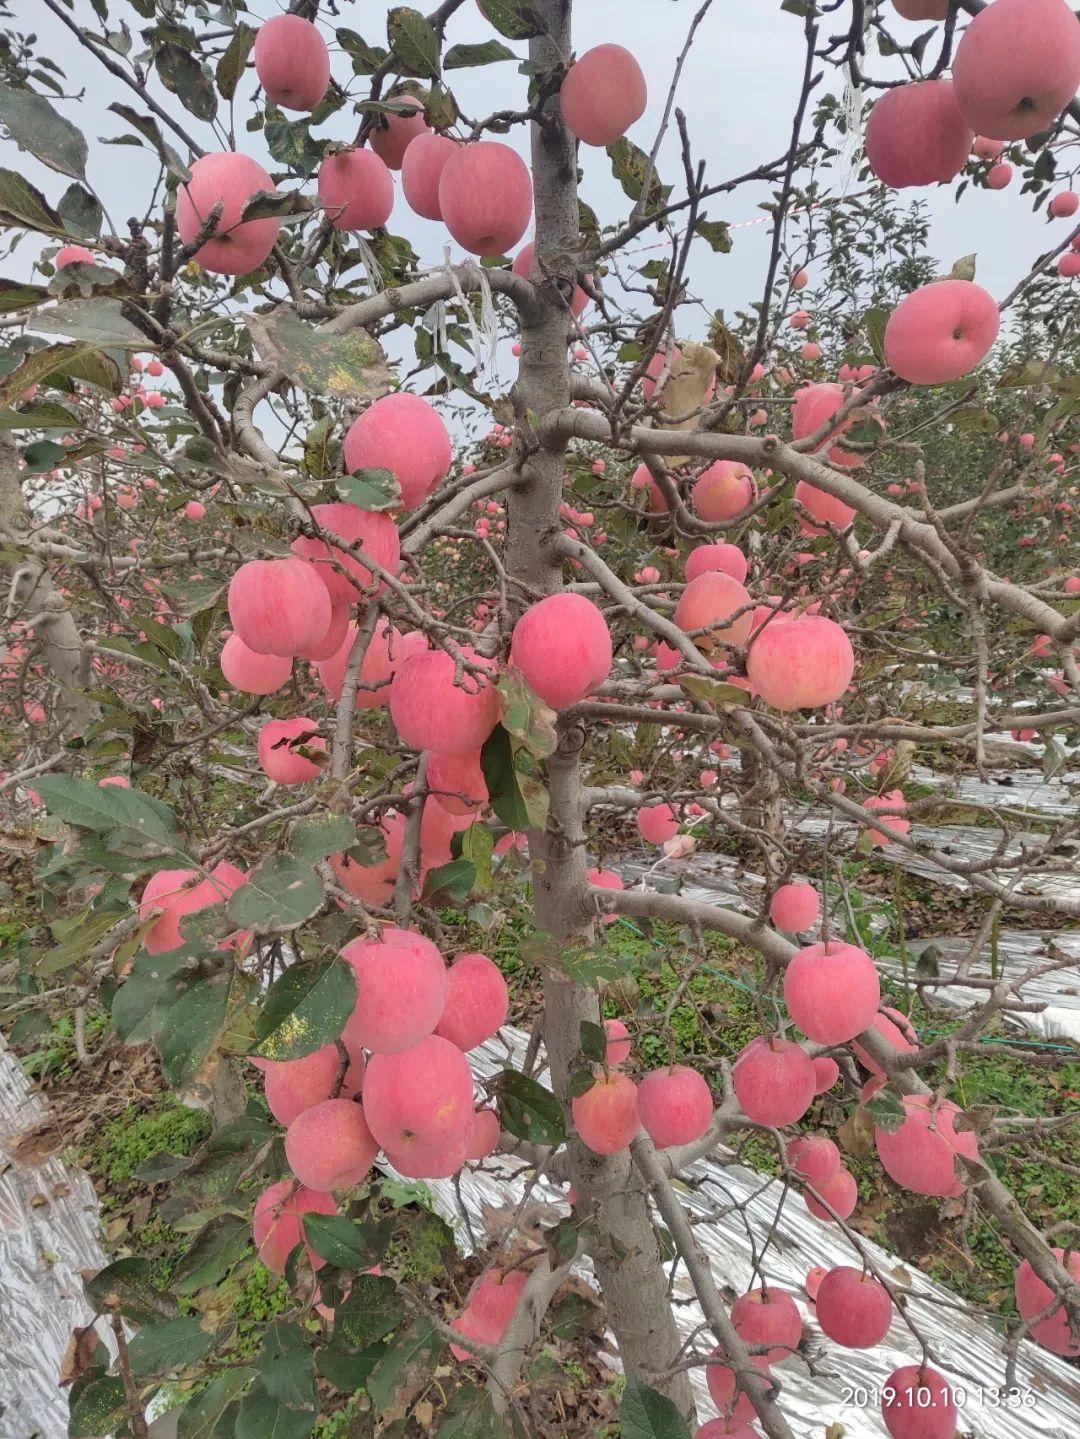 """愁啊!万斤""""红富士苹果""""无人收,4元/斤!果农:卖不掉今年就白干了…插图8"""